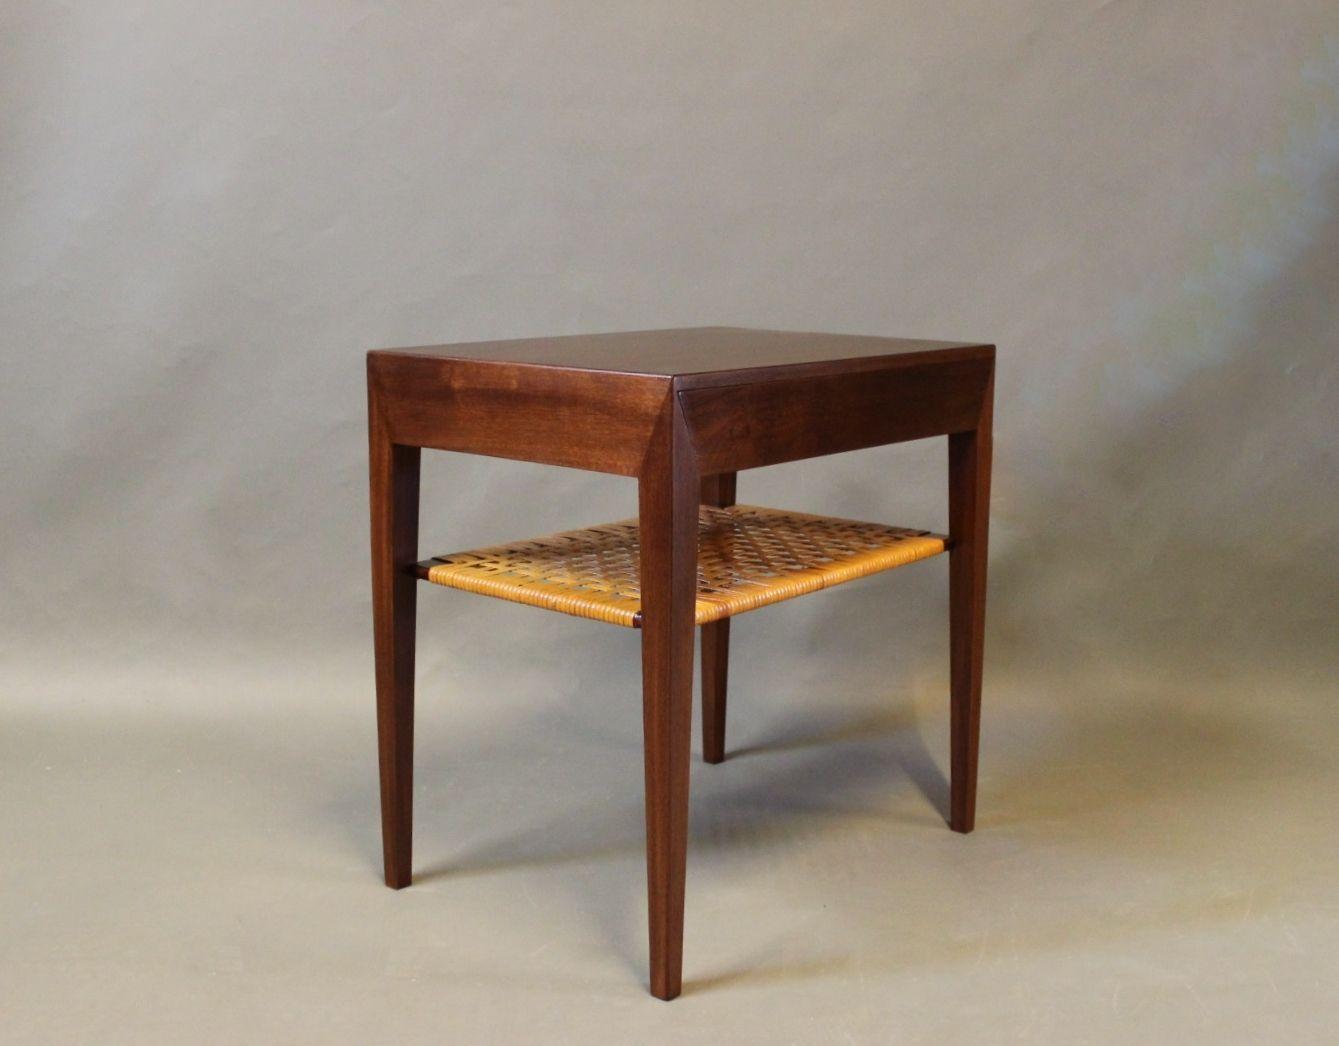 Mesita de noche peque a de madera oscura de severin hansen para haslev a os 60 en venta en pamono - Mesita noche pequena ...